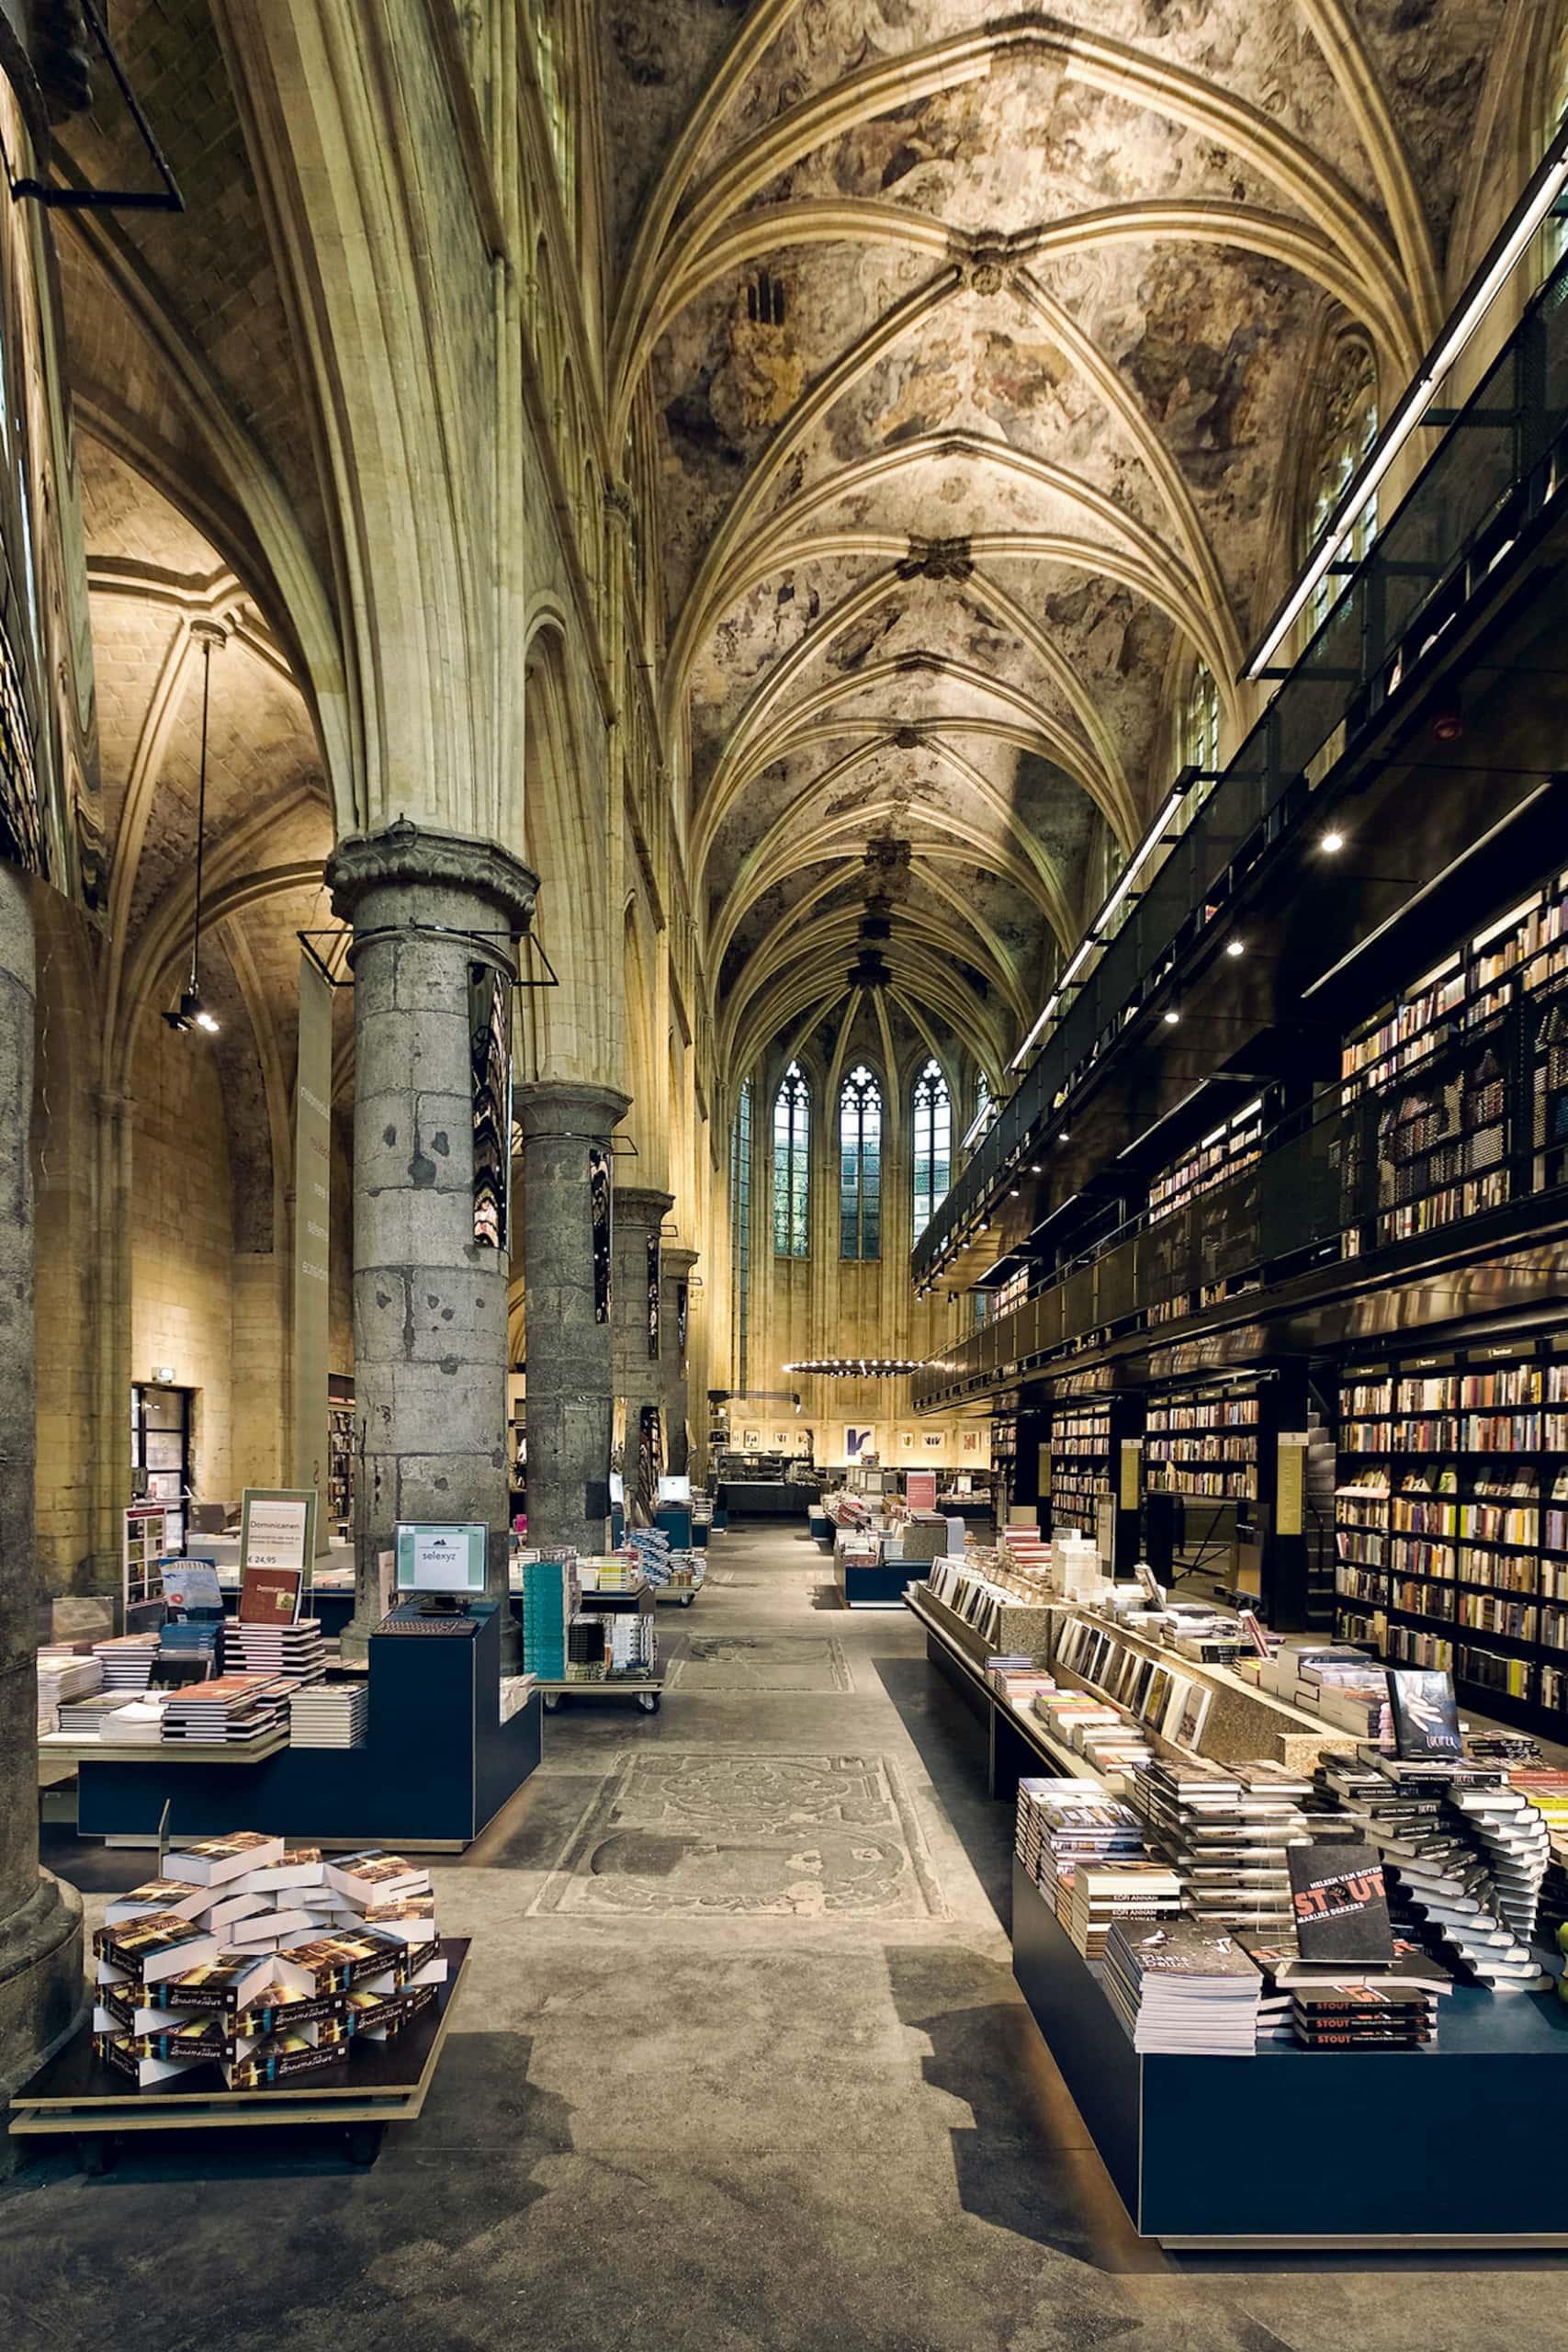 Der Dominicanen Boekhandel befindet sich im Inneren einer Kirche